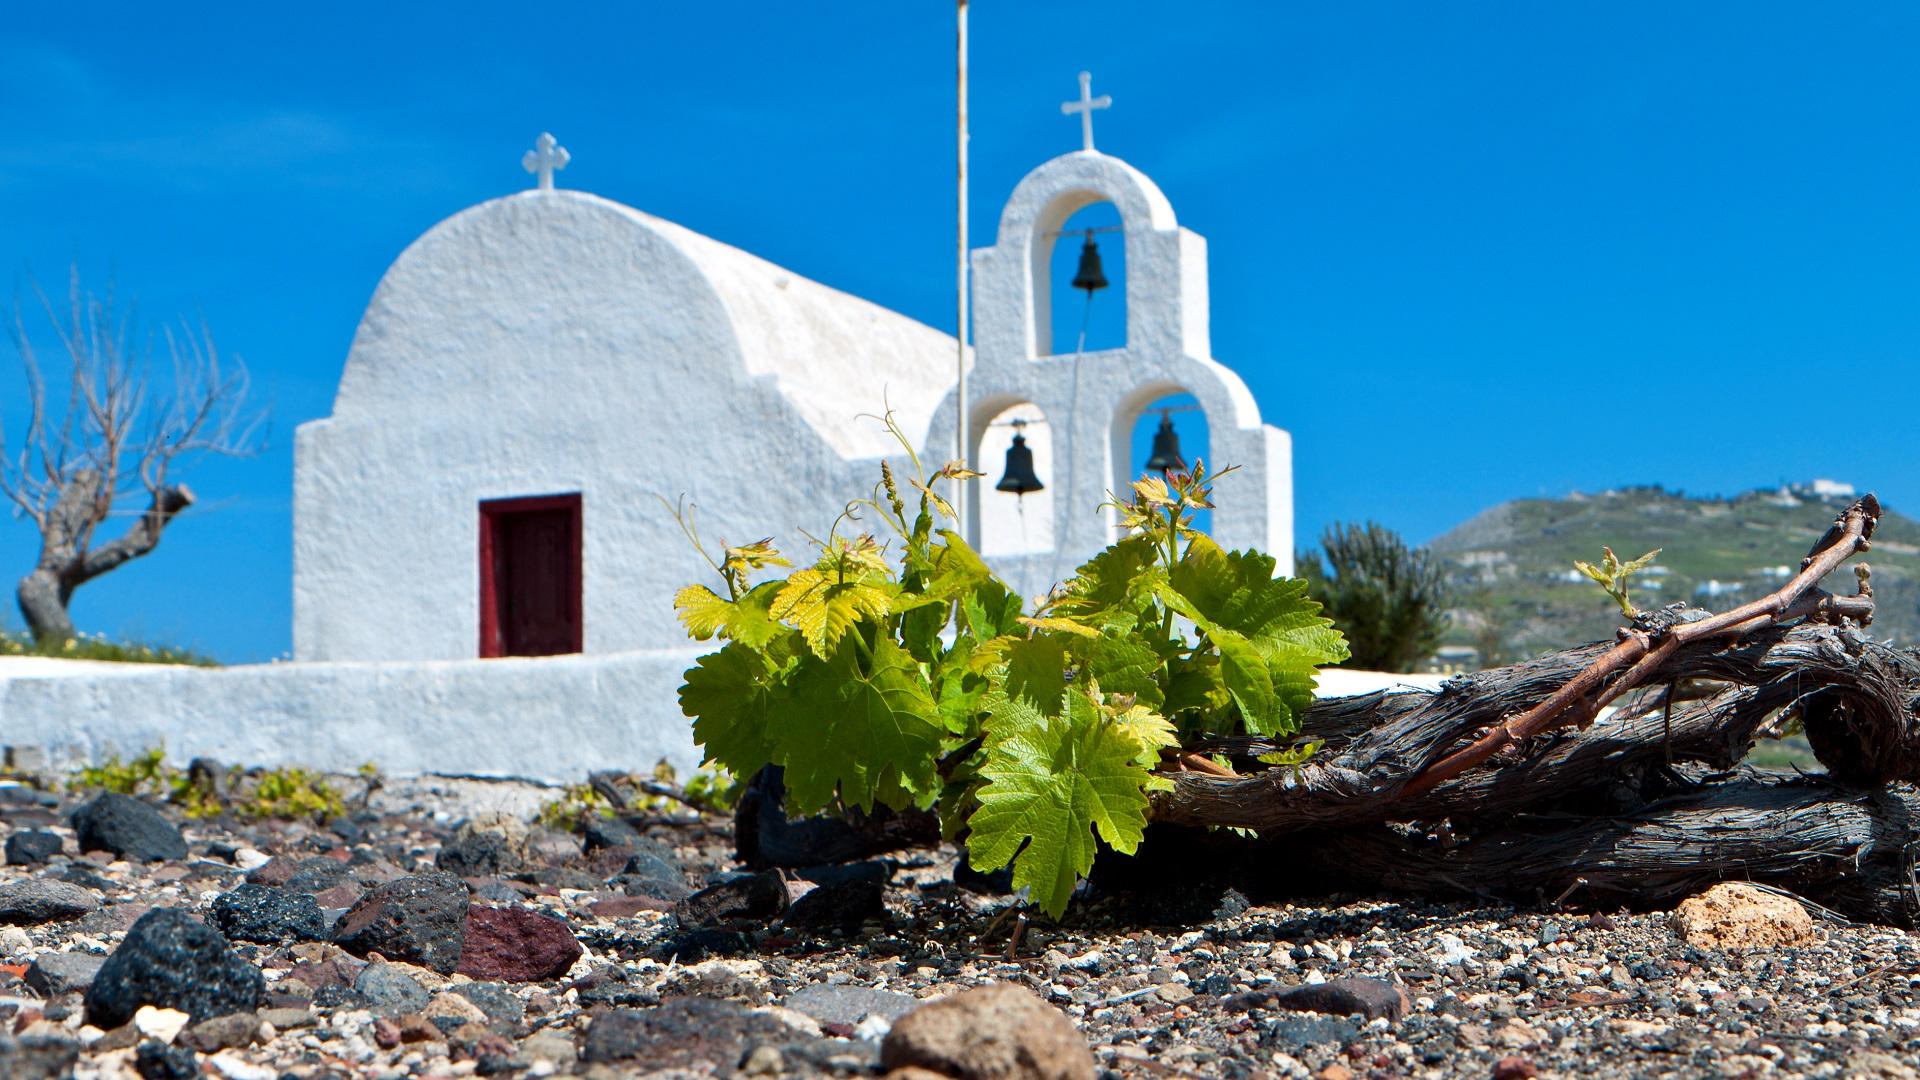 Het zwarte kiezelstrand voor een wit kerkje op Santorini